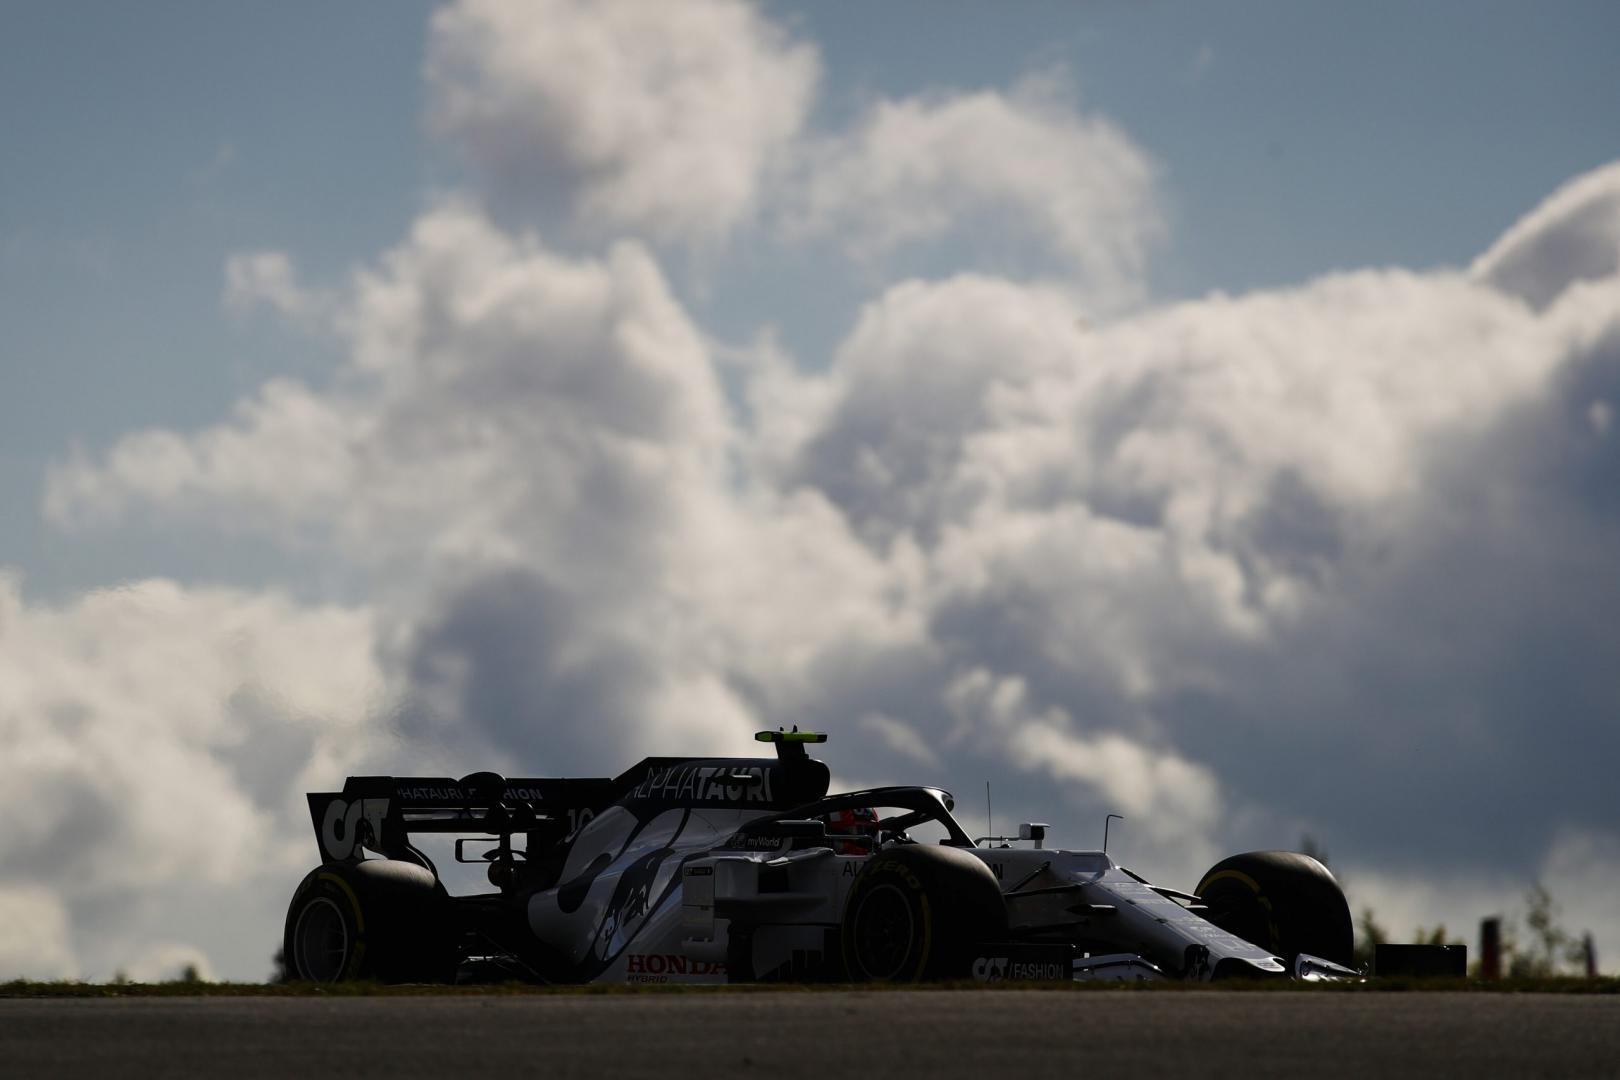 Kwalificatie van de GP van de Eifel 2020